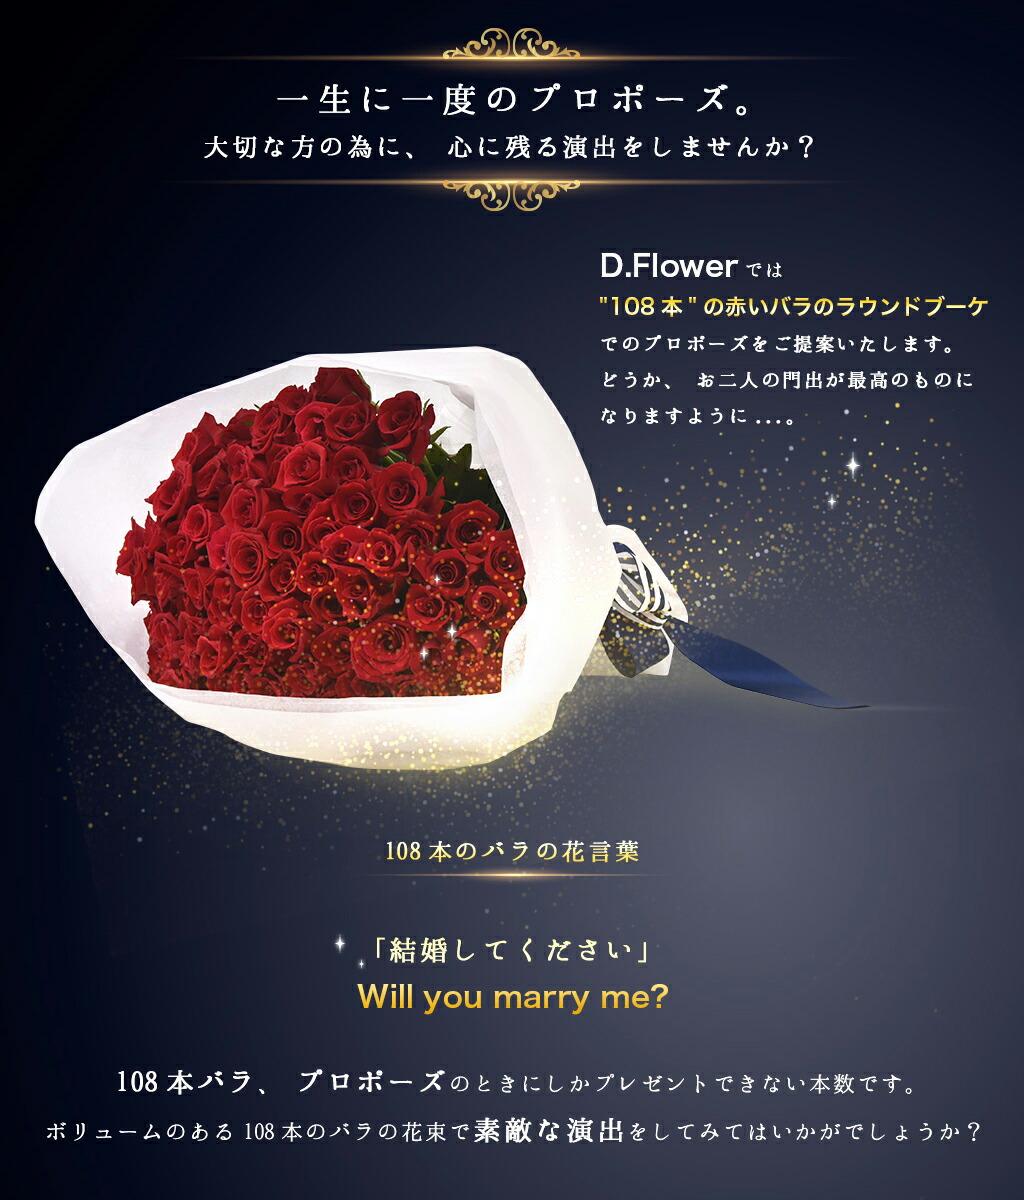 一生に一度のプロポーズ。大切な方の為に、心に残る演出をしませんか?D.Flowerでは108本の赤いバラのラウンドブーケでのプロポーズをご提案いたします。どうか、お二人の門出が最高のものになりますように…。108本のバラの花言葉「結婚してください」Will you marry me? 108本バラ、プロポーズのときにしかプレゼントできない本数です。ボリュームのある108本のバラの花束で素敵な演出をしてみてはいかがでしょうか?